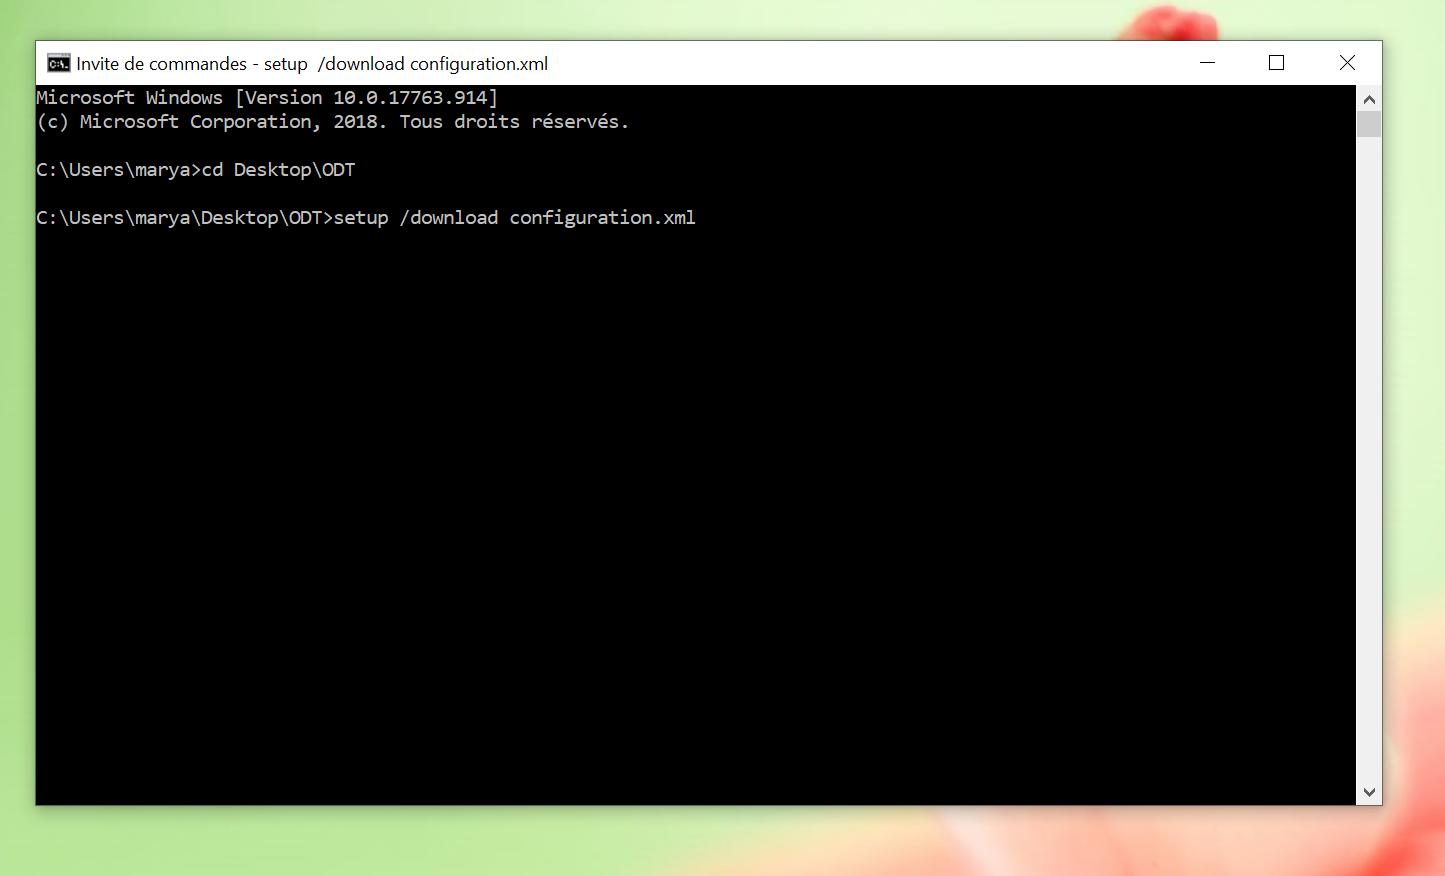 Fenêtre d'invite de commande. La dernière ligne est ''C:\Users\marya\Desktop\ODT[signe supérieur]setup /download configuration.xml